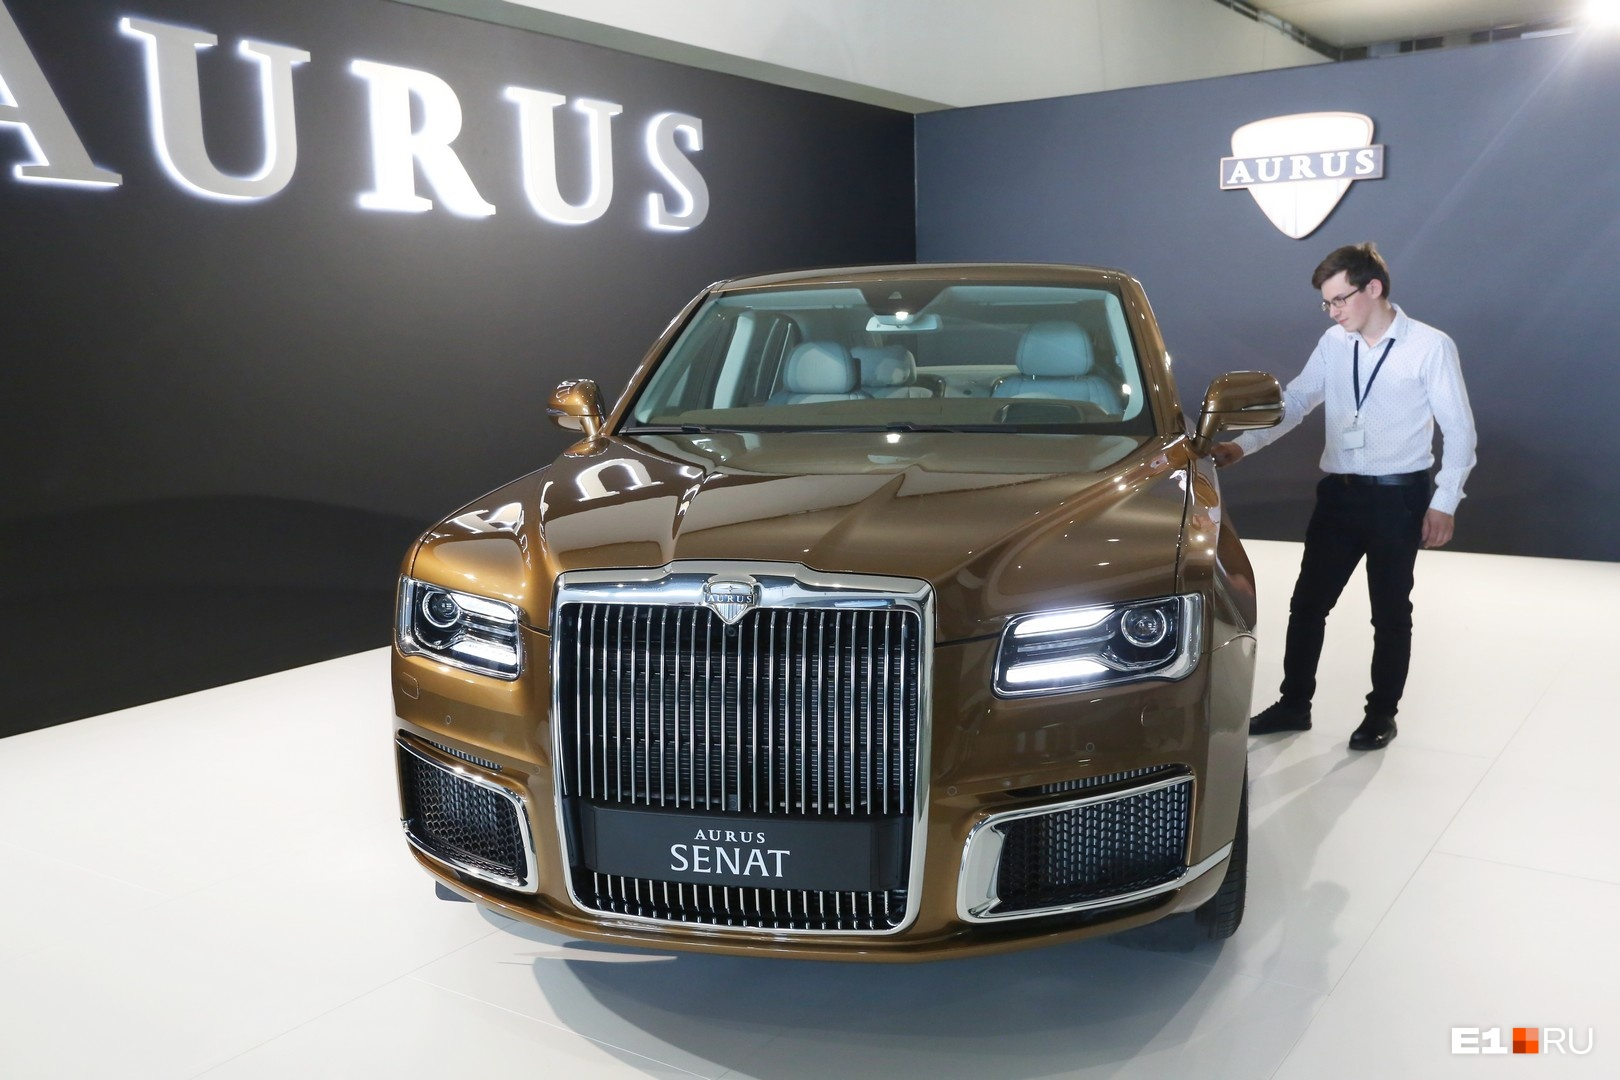 """На стенде&nbsp;<b class=""""_"""">НАМИ&nbsp;</b>показывают российский автомобиль представительского класса Aurus Senat, на котором ездит президент Владимир Путин (только его автомобиль длиннее). На фото: сотрудник компании, охраняющий авто"""